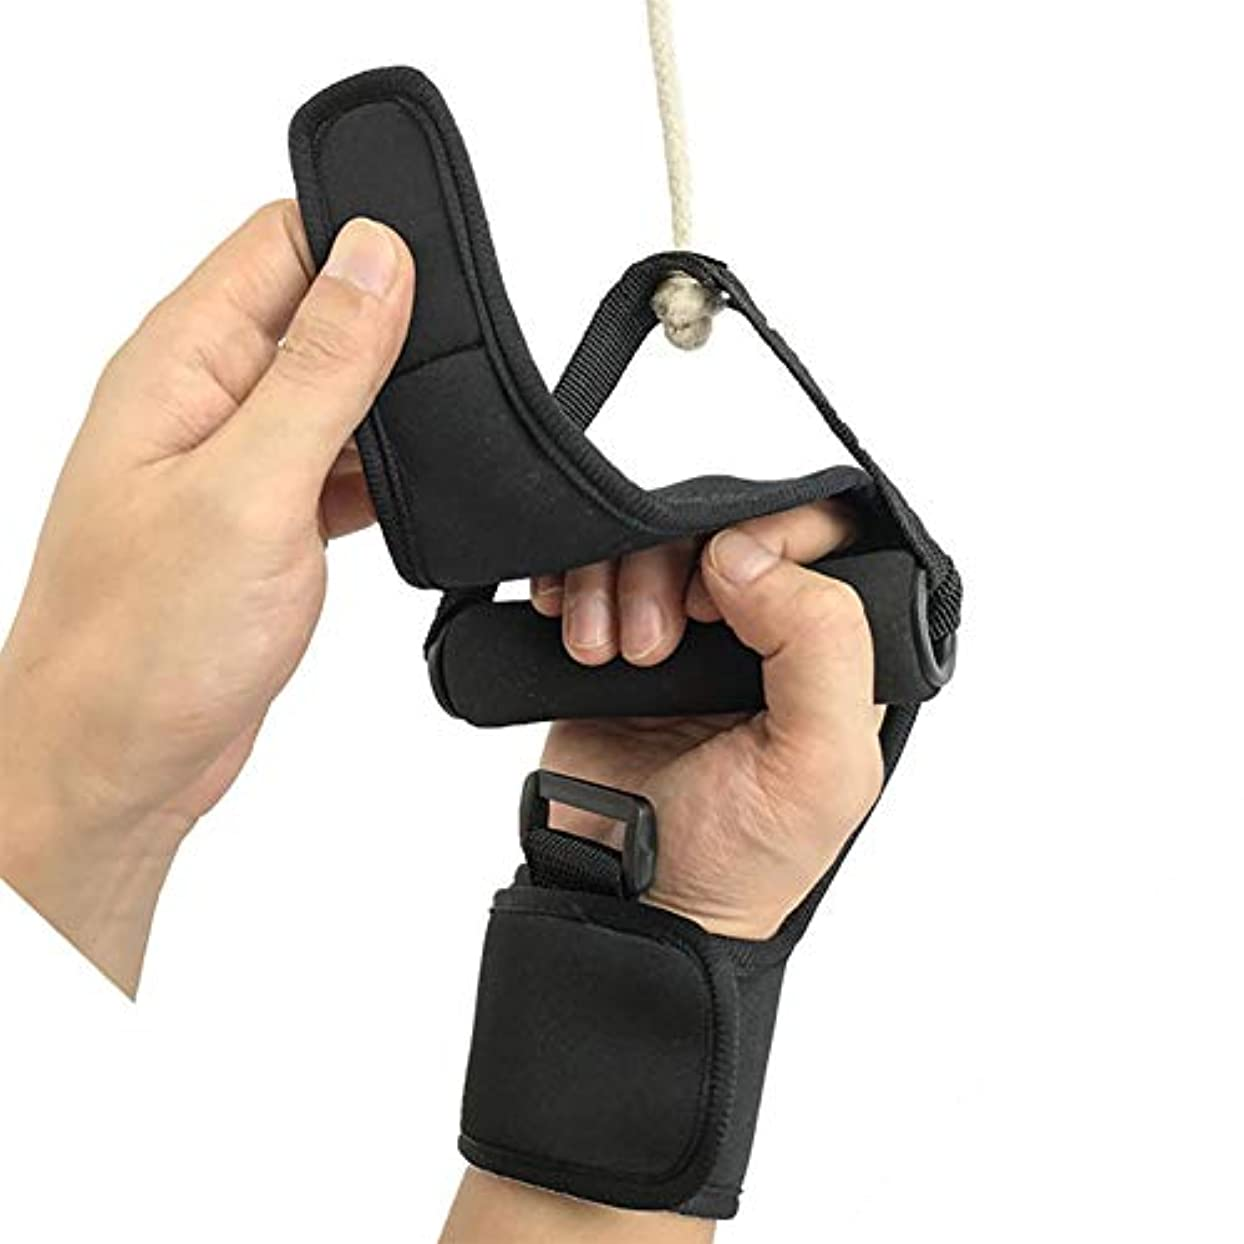 生むキャンパス識別する固定手袋リハビリテーション訓練機器アンチスキッド通気性ハンドフィストフィンガーグローブ、